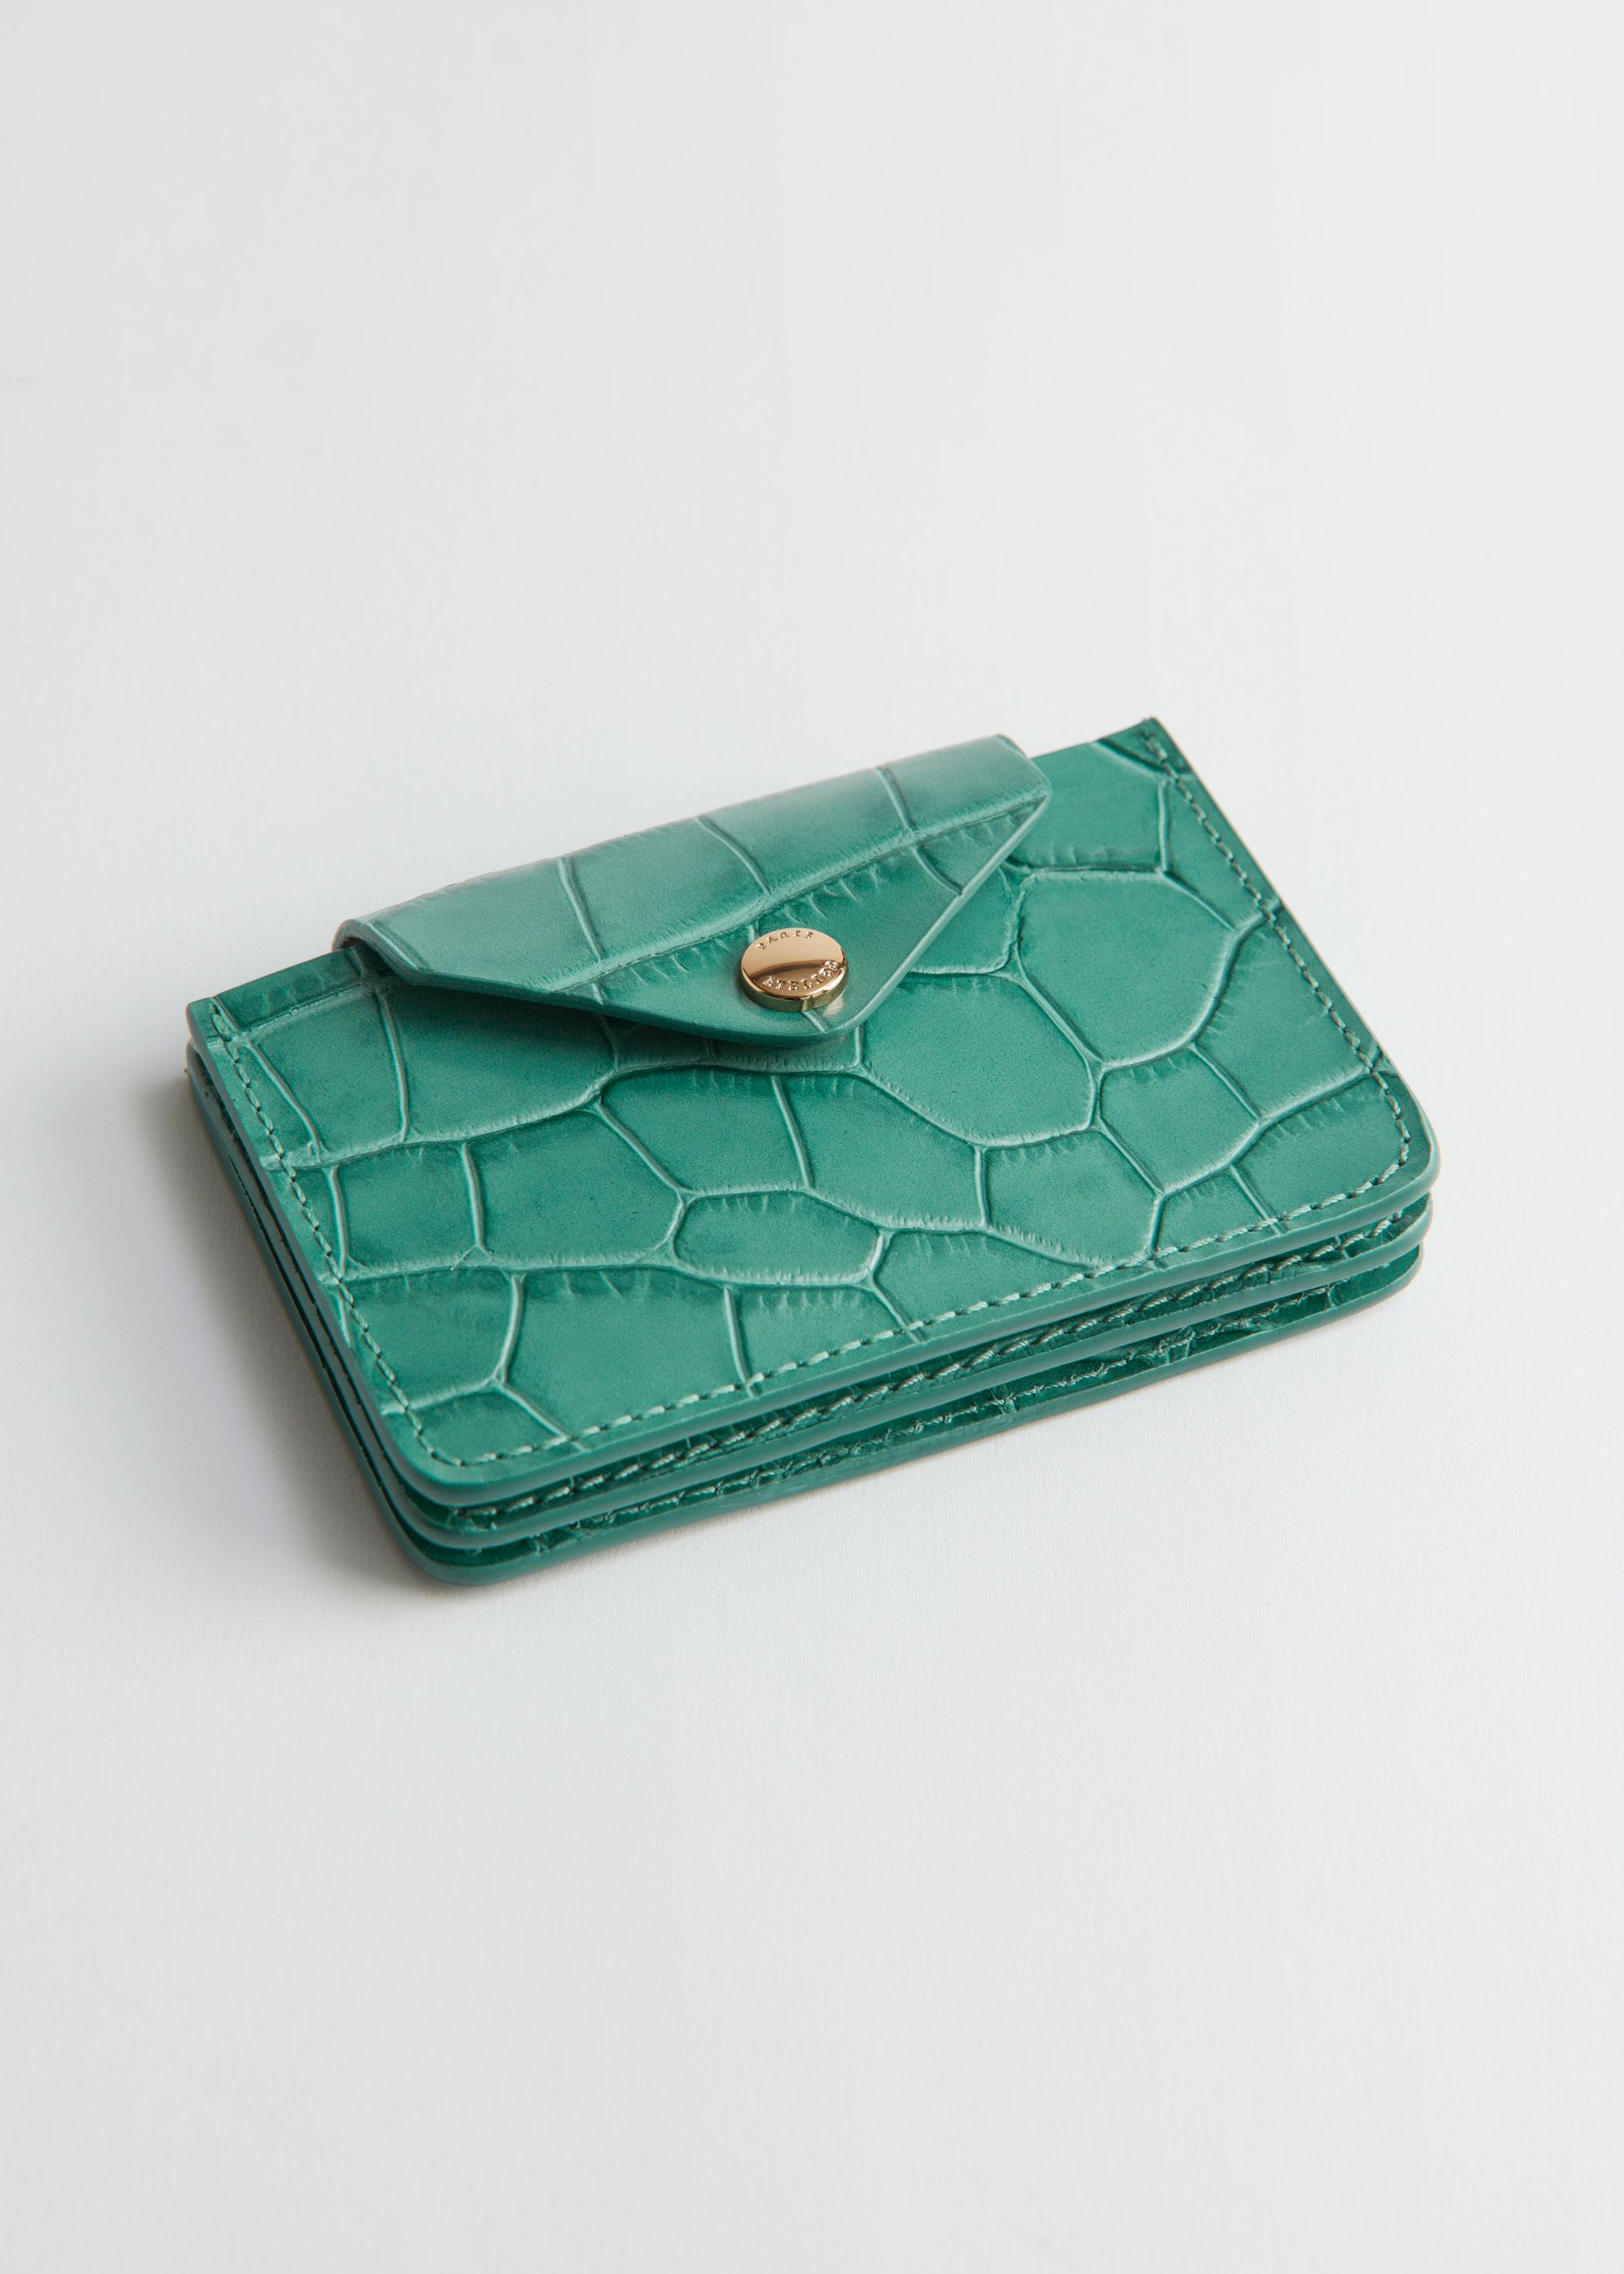 앤 아더 스토리즈 크록 엠보싱 카드 지갑 - 에메랄드 그린 & OTHER STORIES Croc Embossed Leather Card Holder